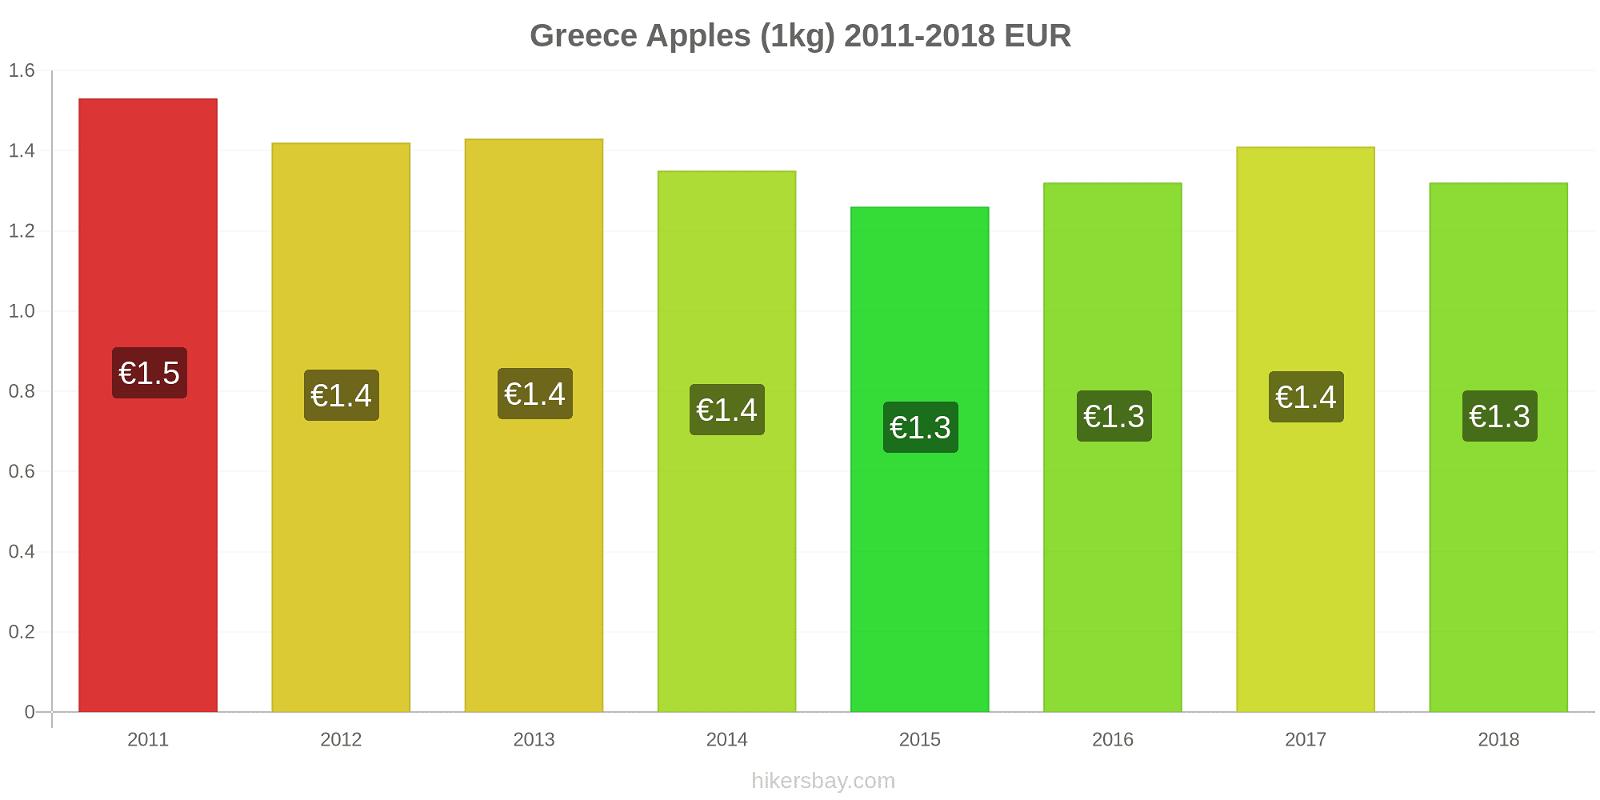 Greece price changes Apples (1kg) hikersbay.com